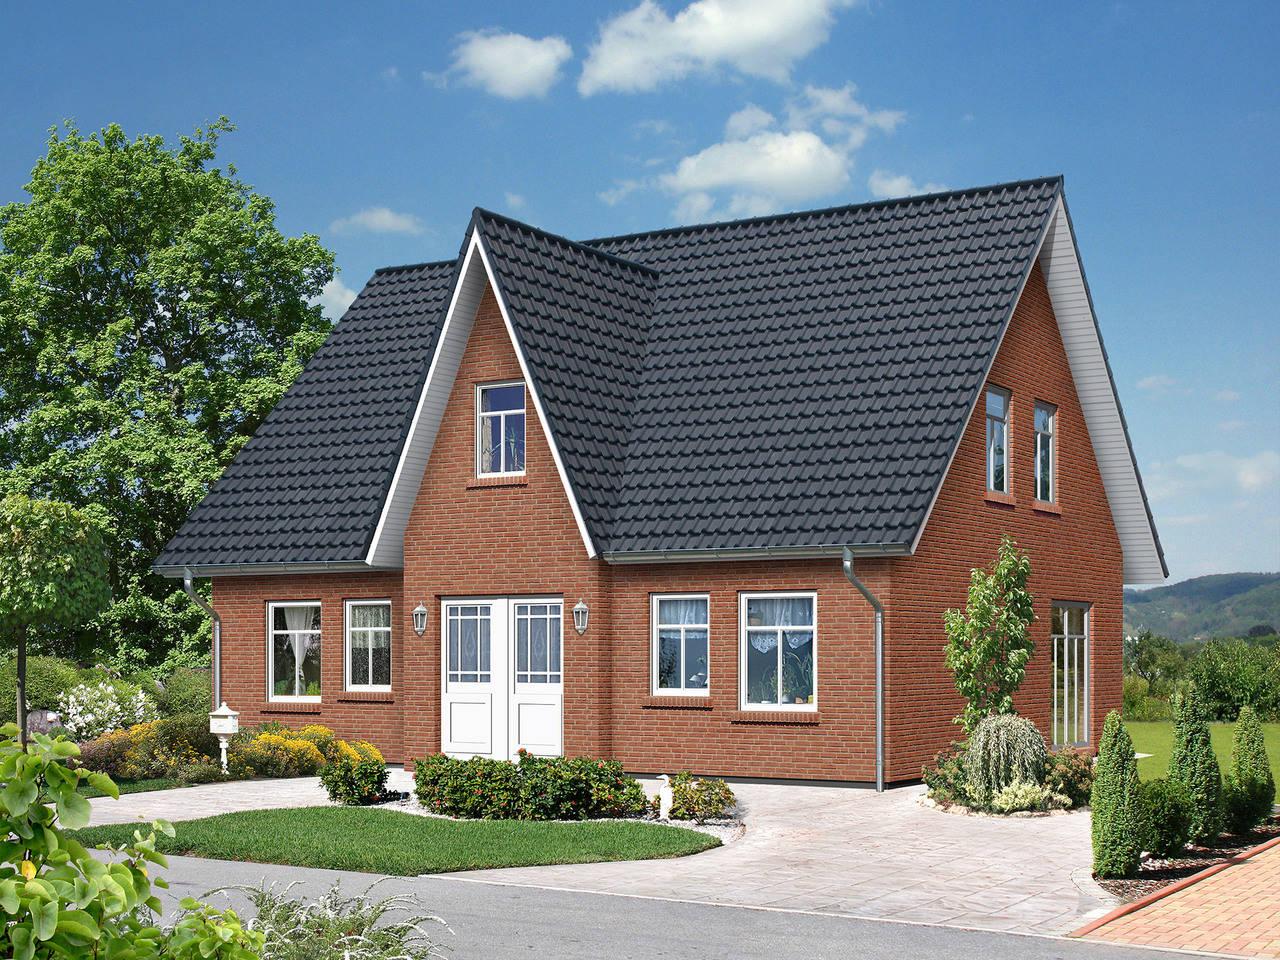 Beispielhaus 28.0 von Ytong Bausatzhaus.